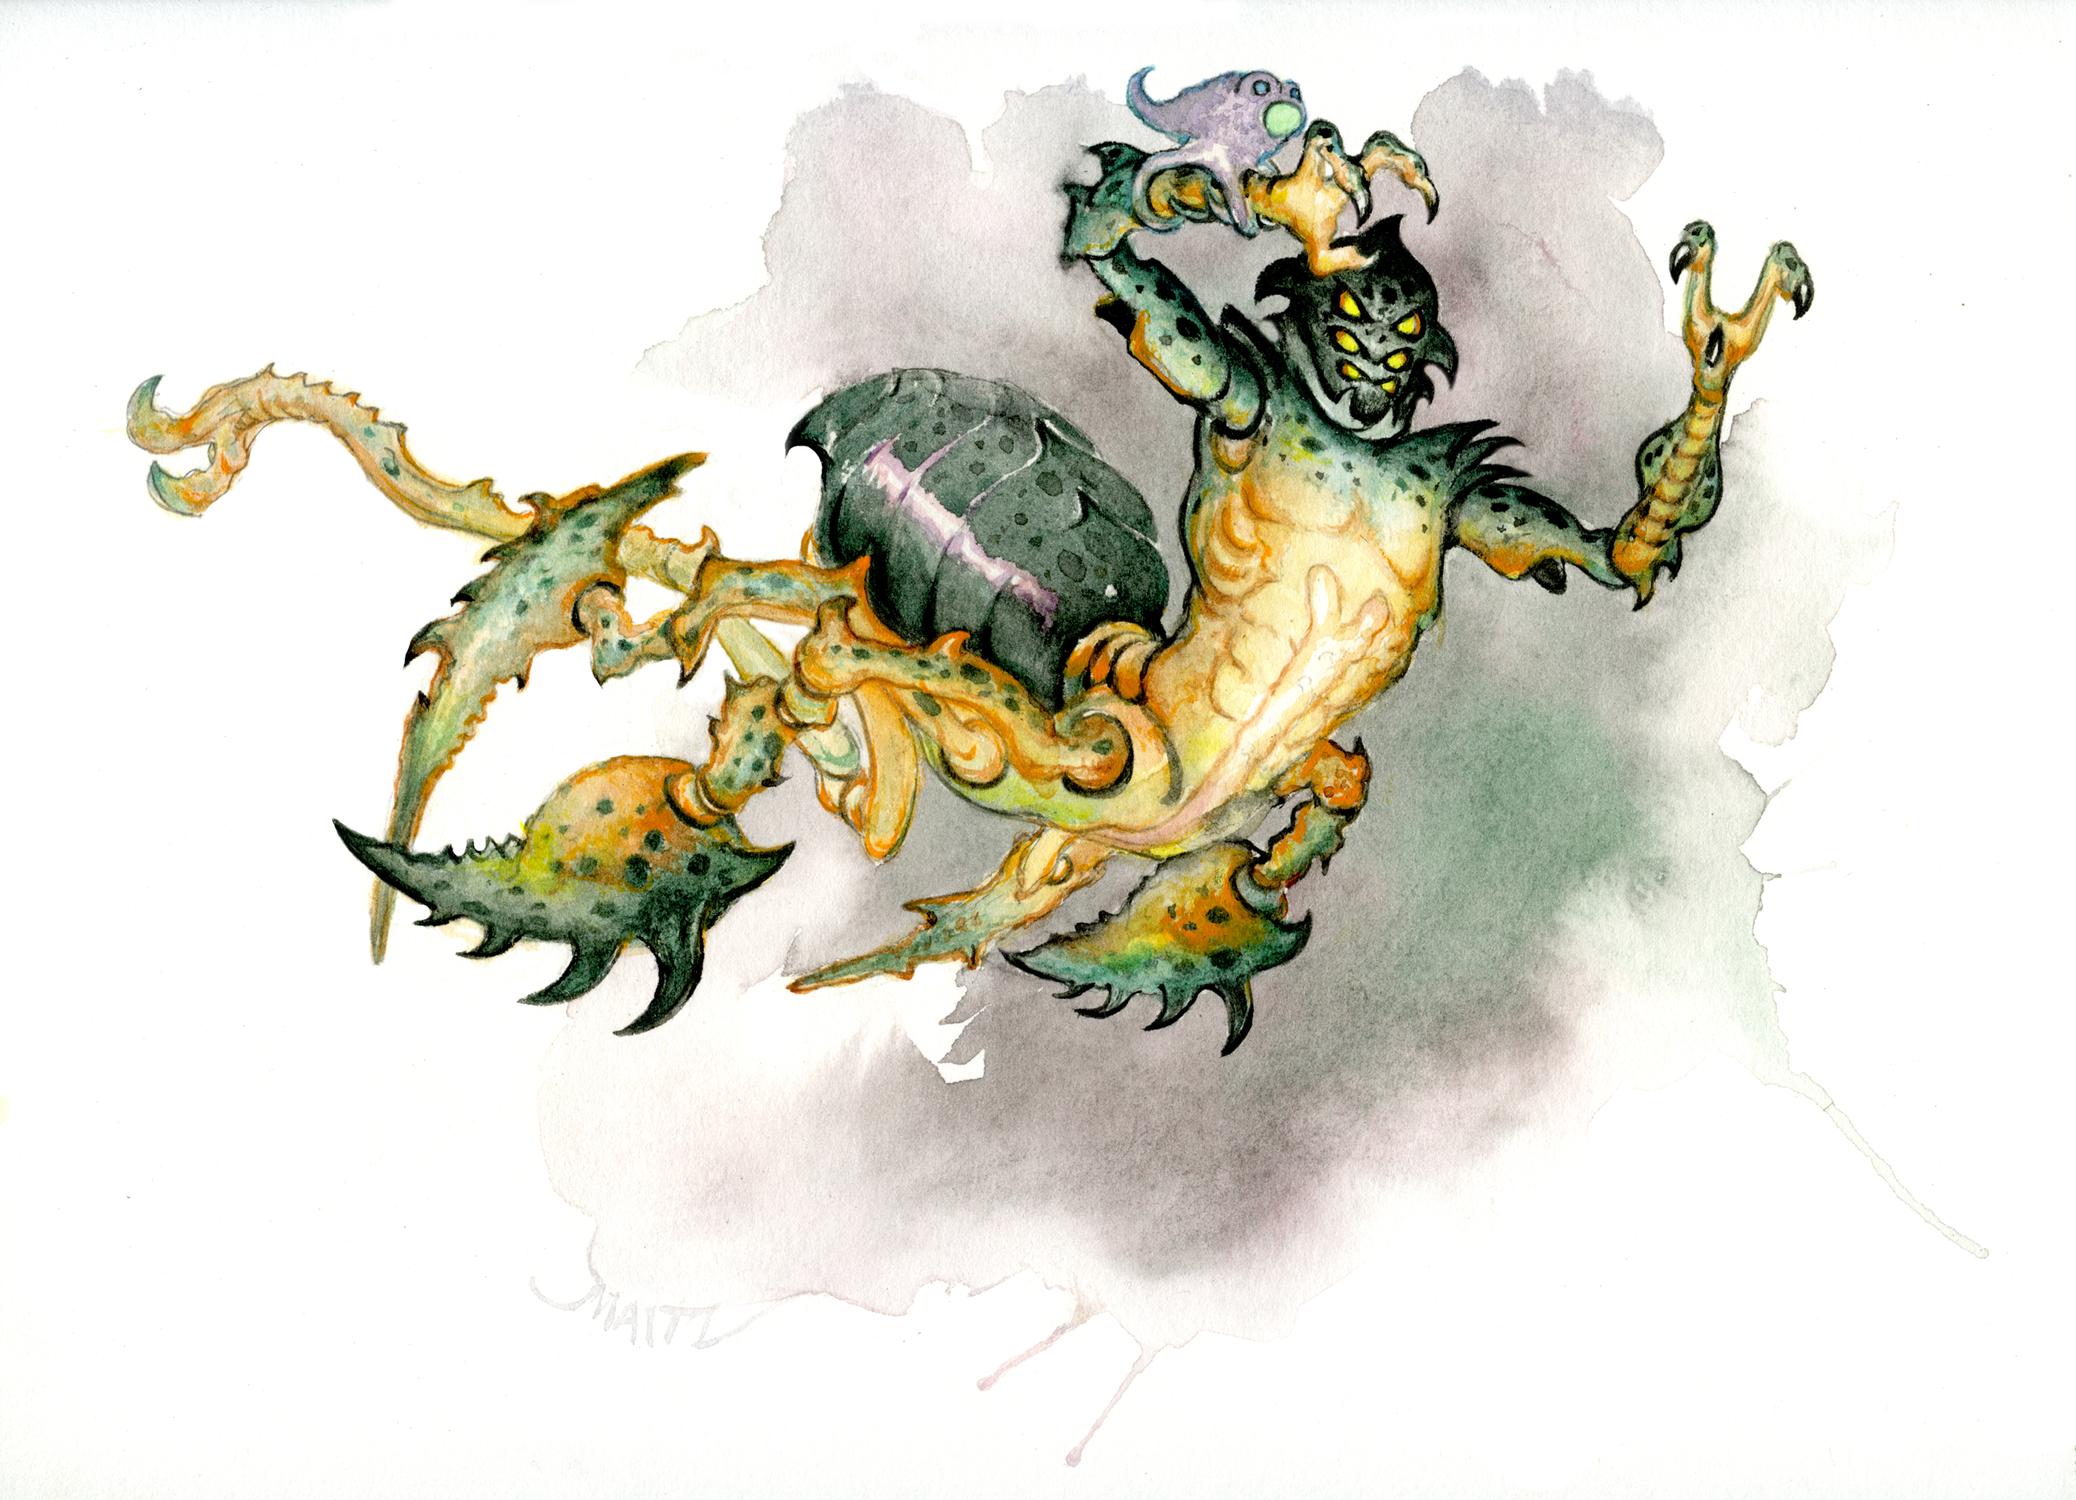 Alien Bug Leaping Artwork by Don  Maitz